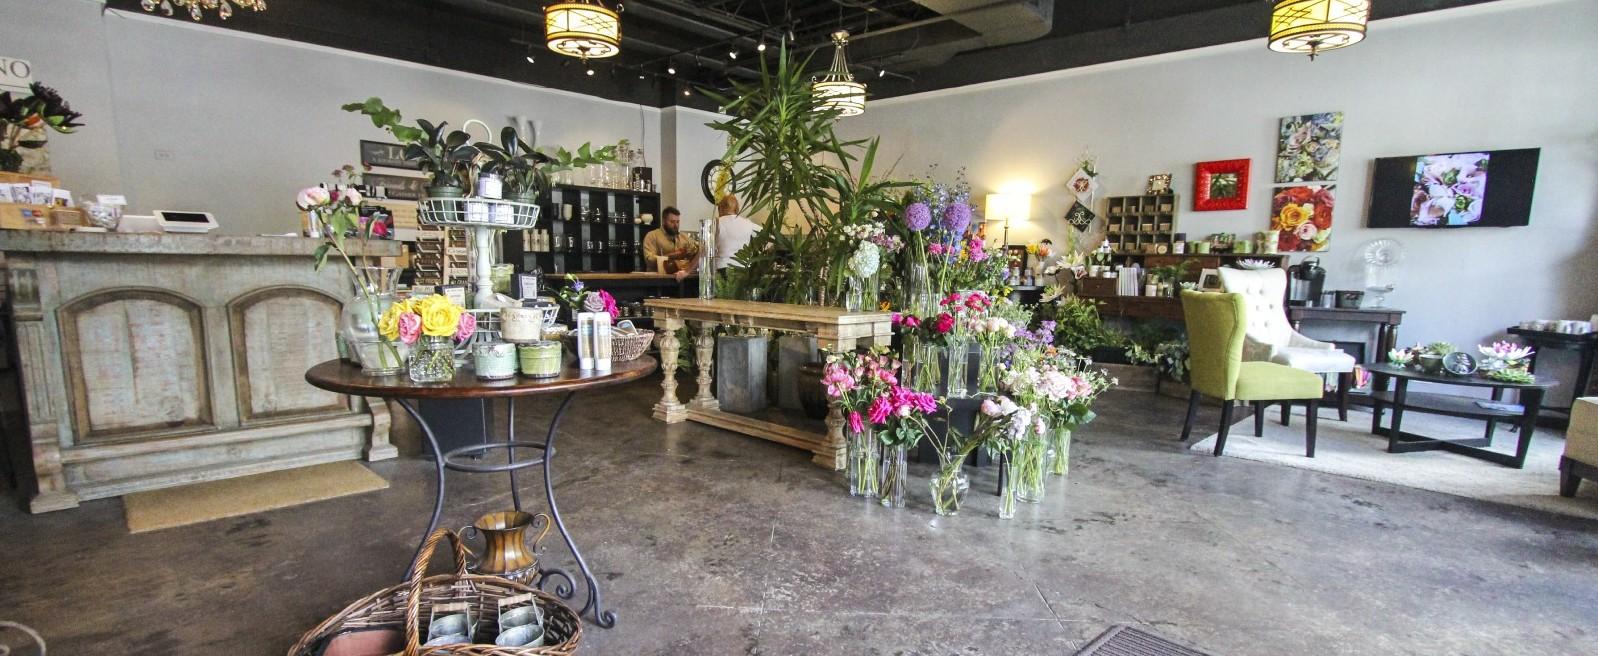 Andrew's_Garden_Shop_Wide_Interior.jpg